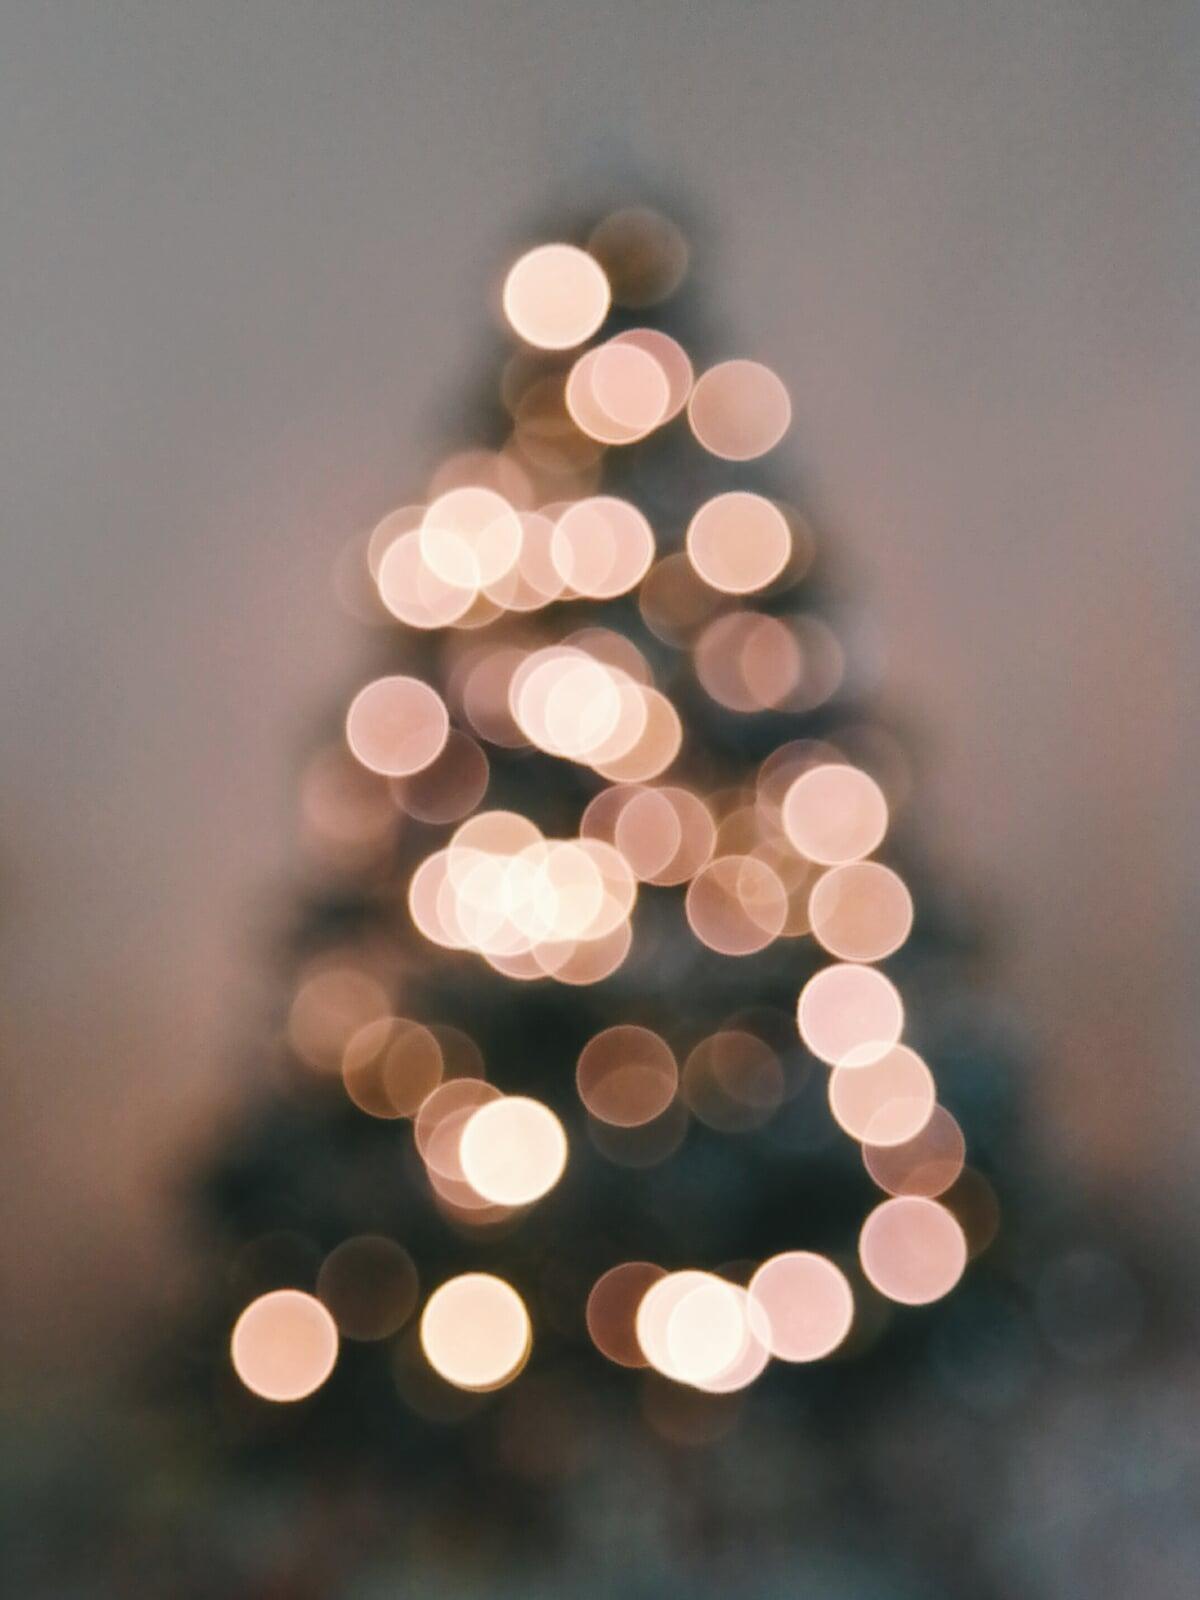 Weihnachtsbaum Nadeln.Damit Ihr Weihnachtsbaum Möglichst Lange Nicht Zu Nadeln Beginnt